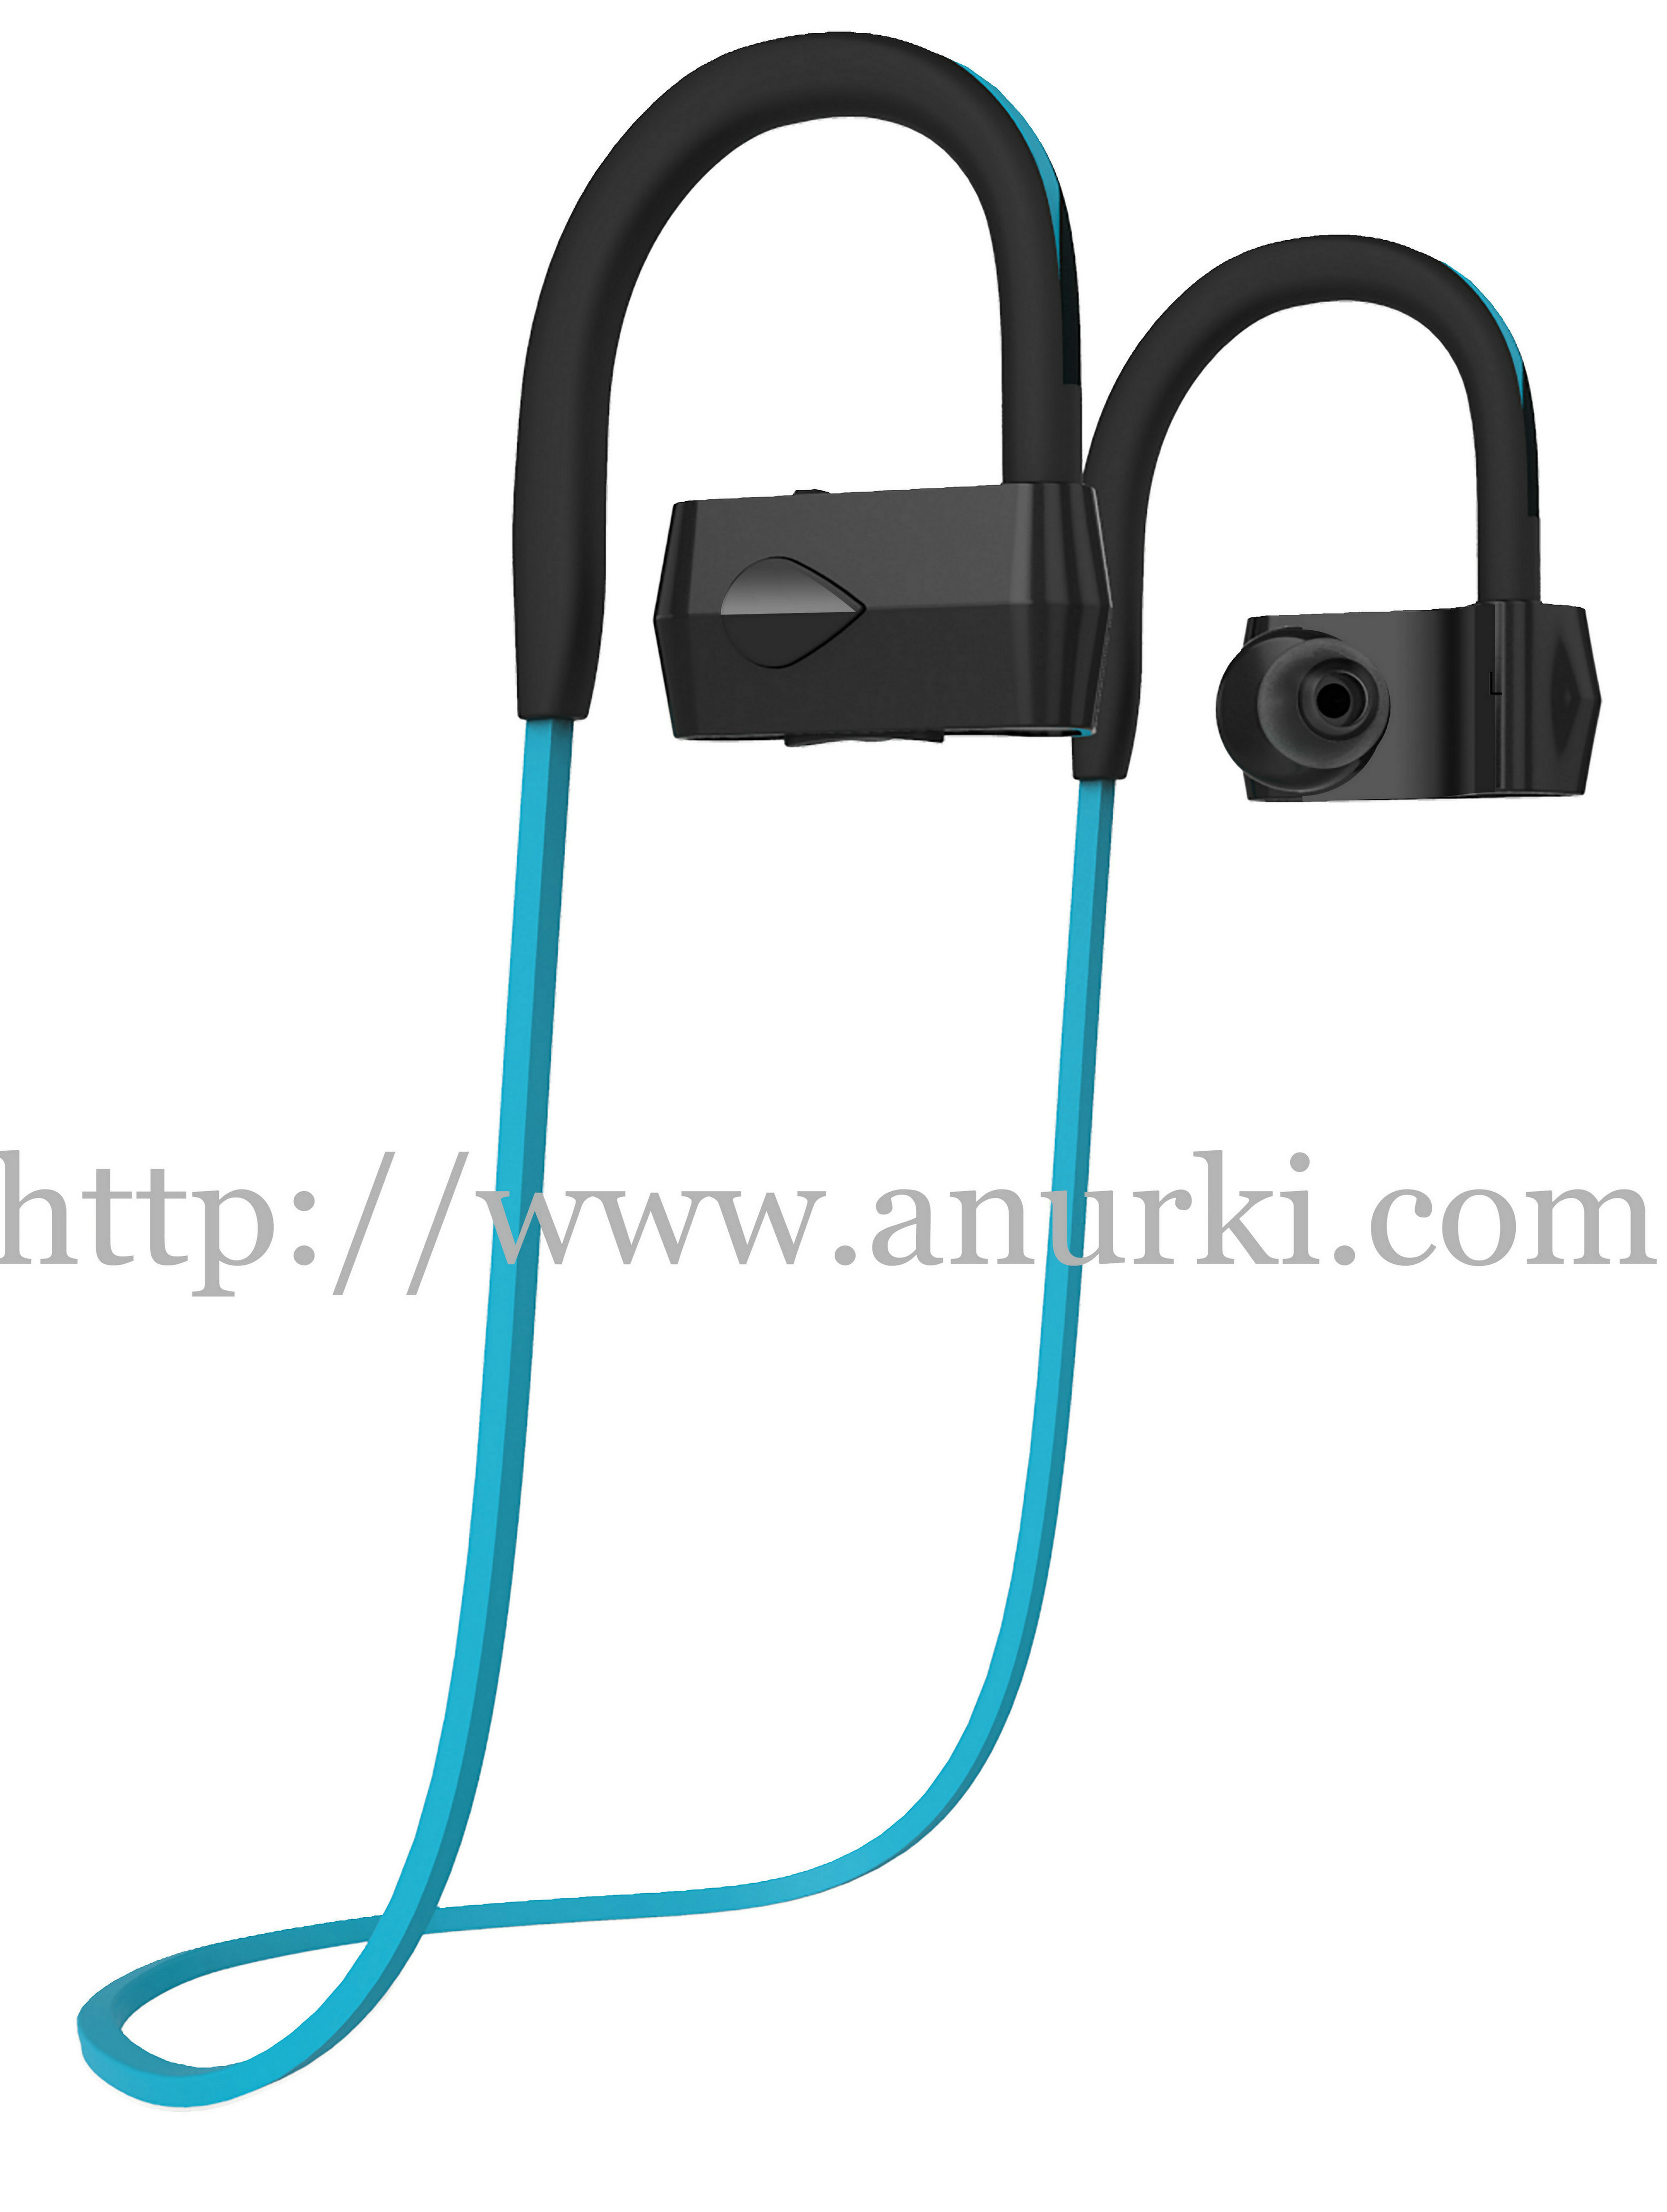 B11 Running Wireless earphones